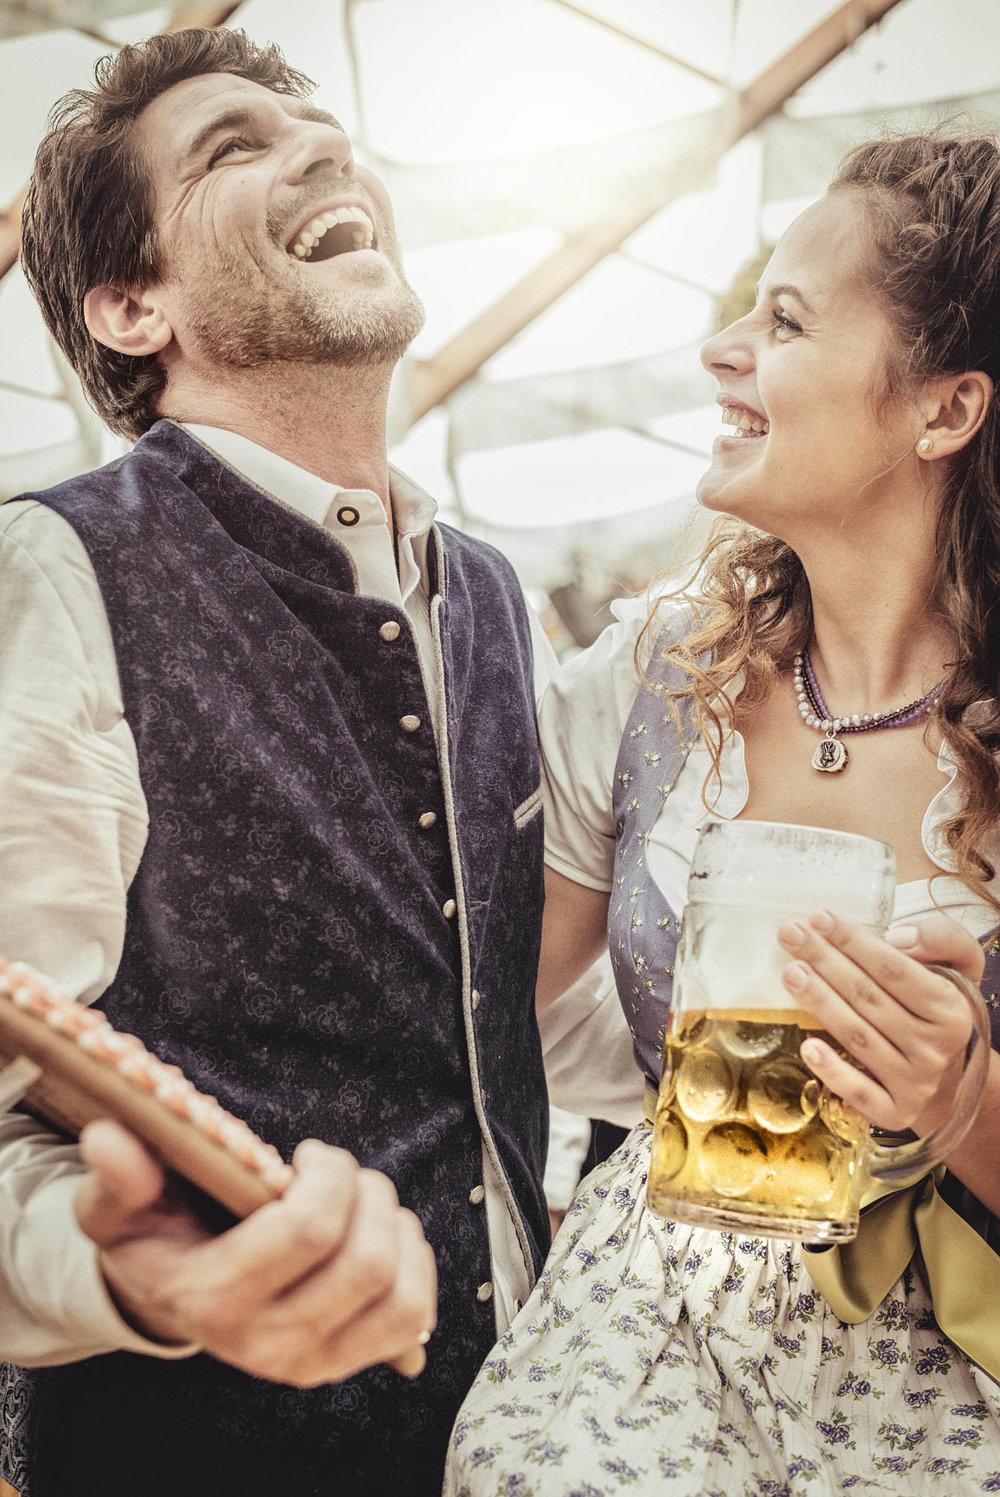 seifertuebler-lifestyle-hofbraeu-muenchen-oktoberfest-beer-11.jpg